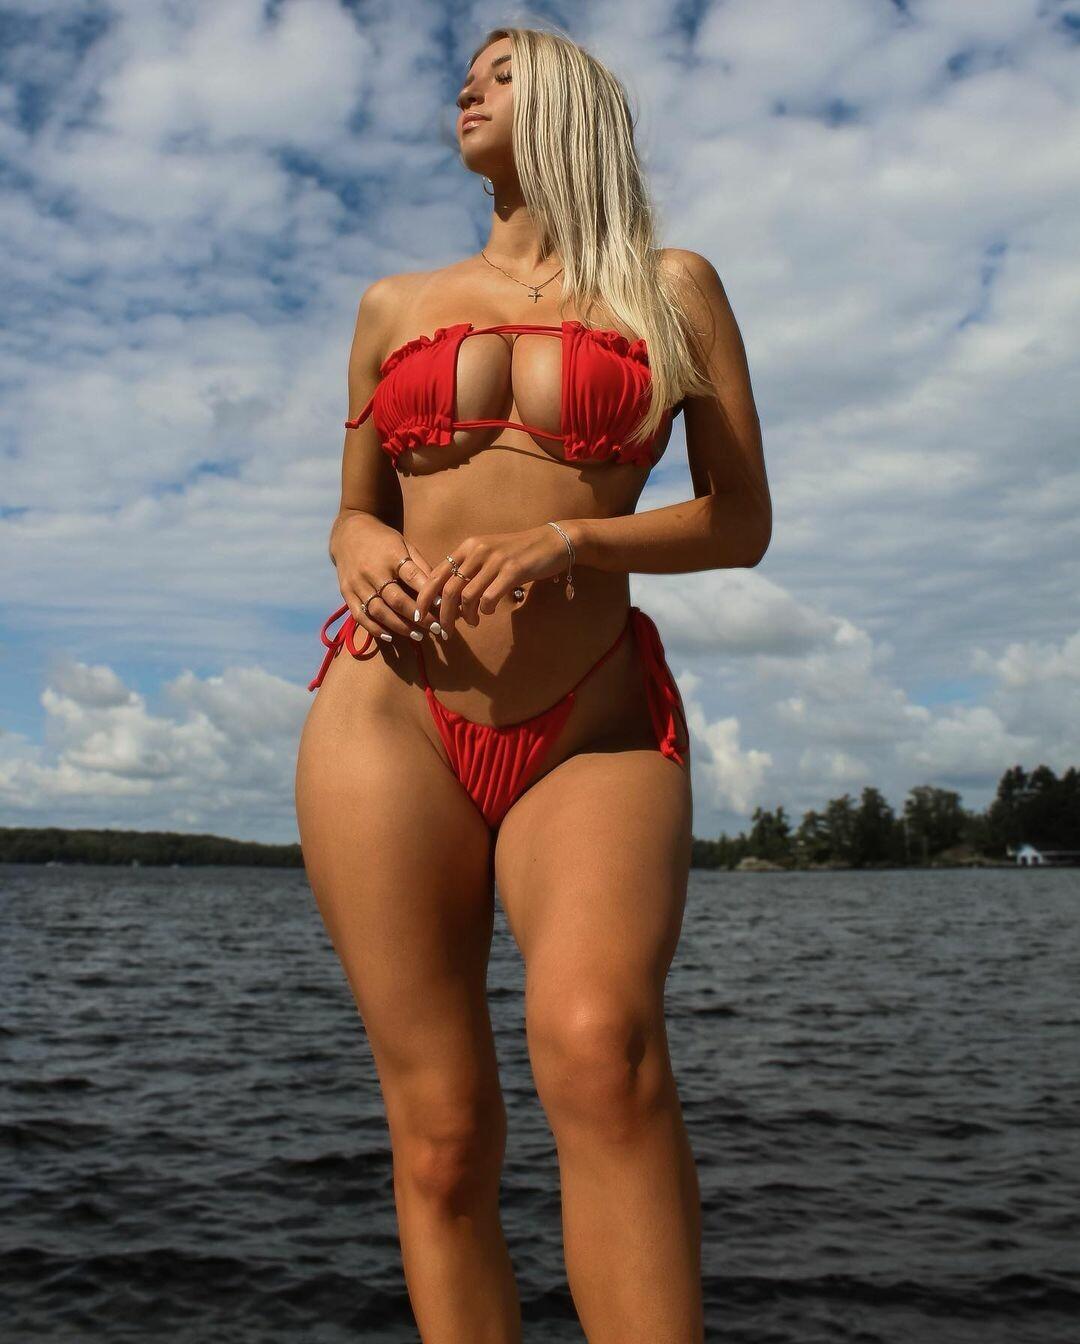 Відома канадська хокеїстка пішла в моделі: гарячі фото - фото 4